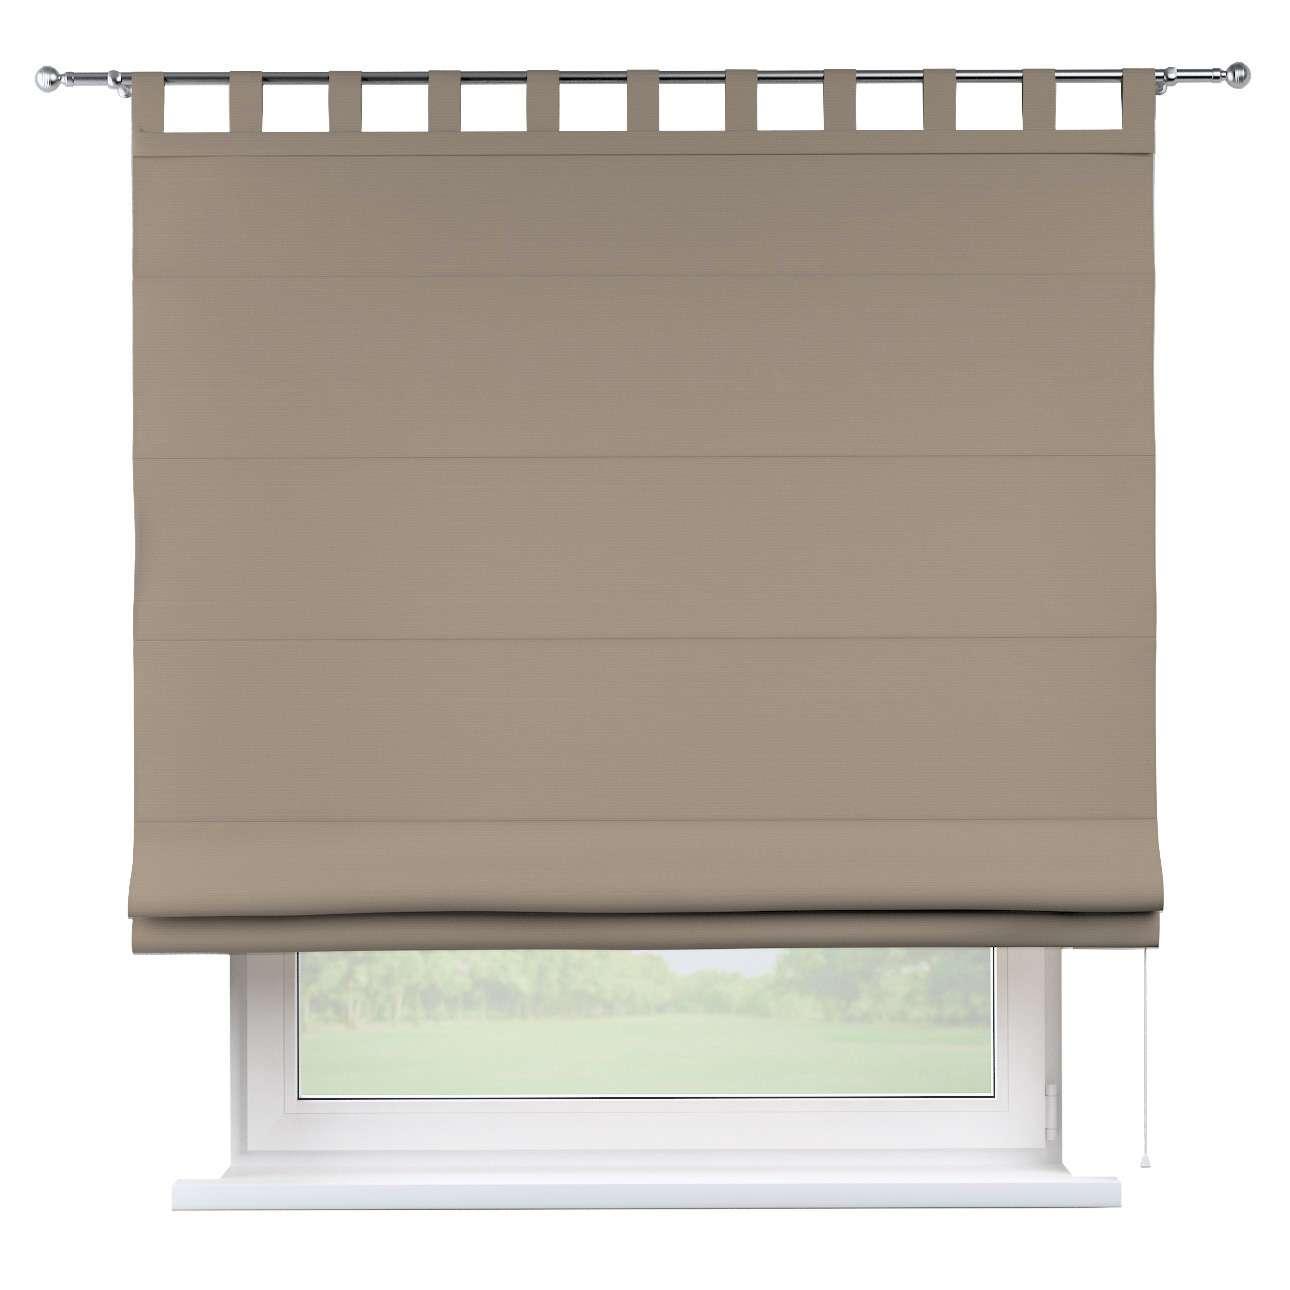 Foldegardin Verona<br/>Med stropper til gardinstang 80 x 170 cm fra kollektionen Cotton Panama, Stof: 702-28